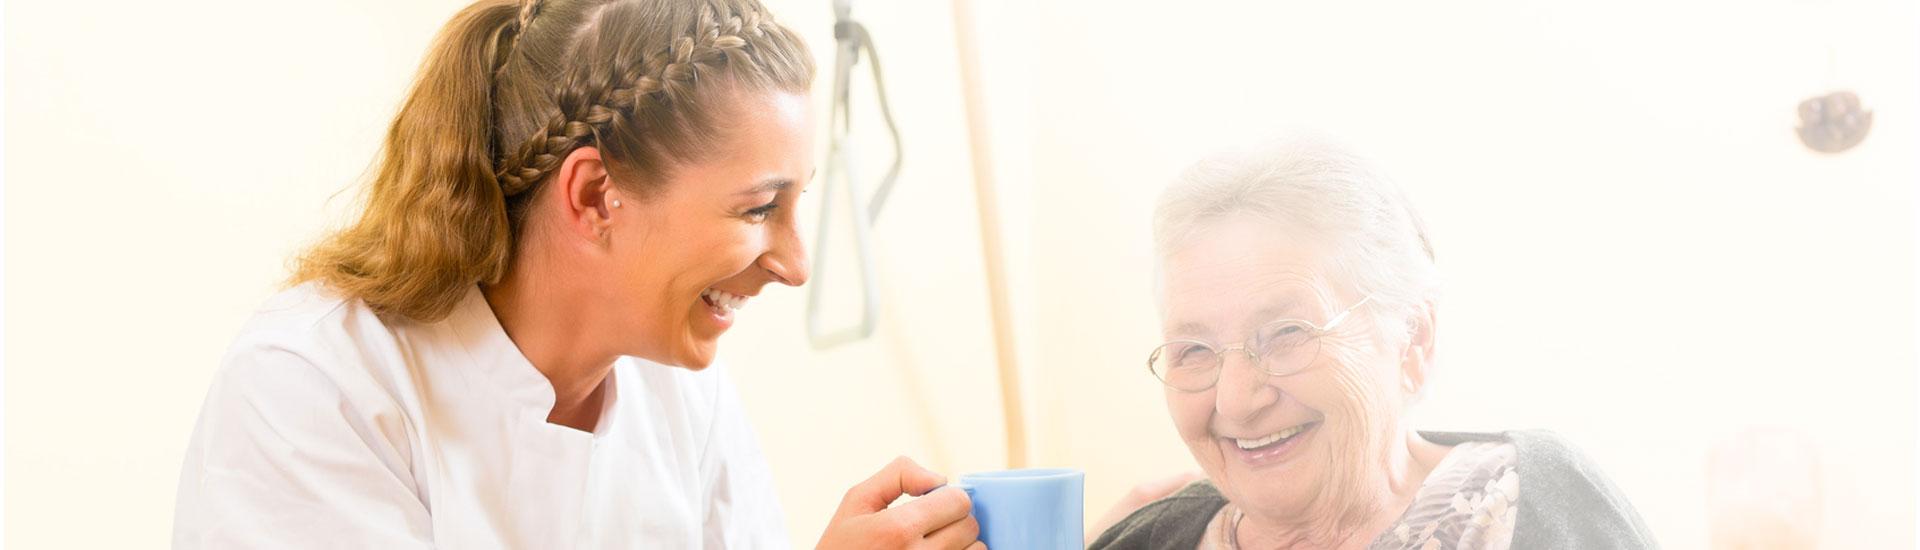 Pflegebasiskurs Weiterbildung zum Pflegehelfer an der Vividus Akademie in Berlin